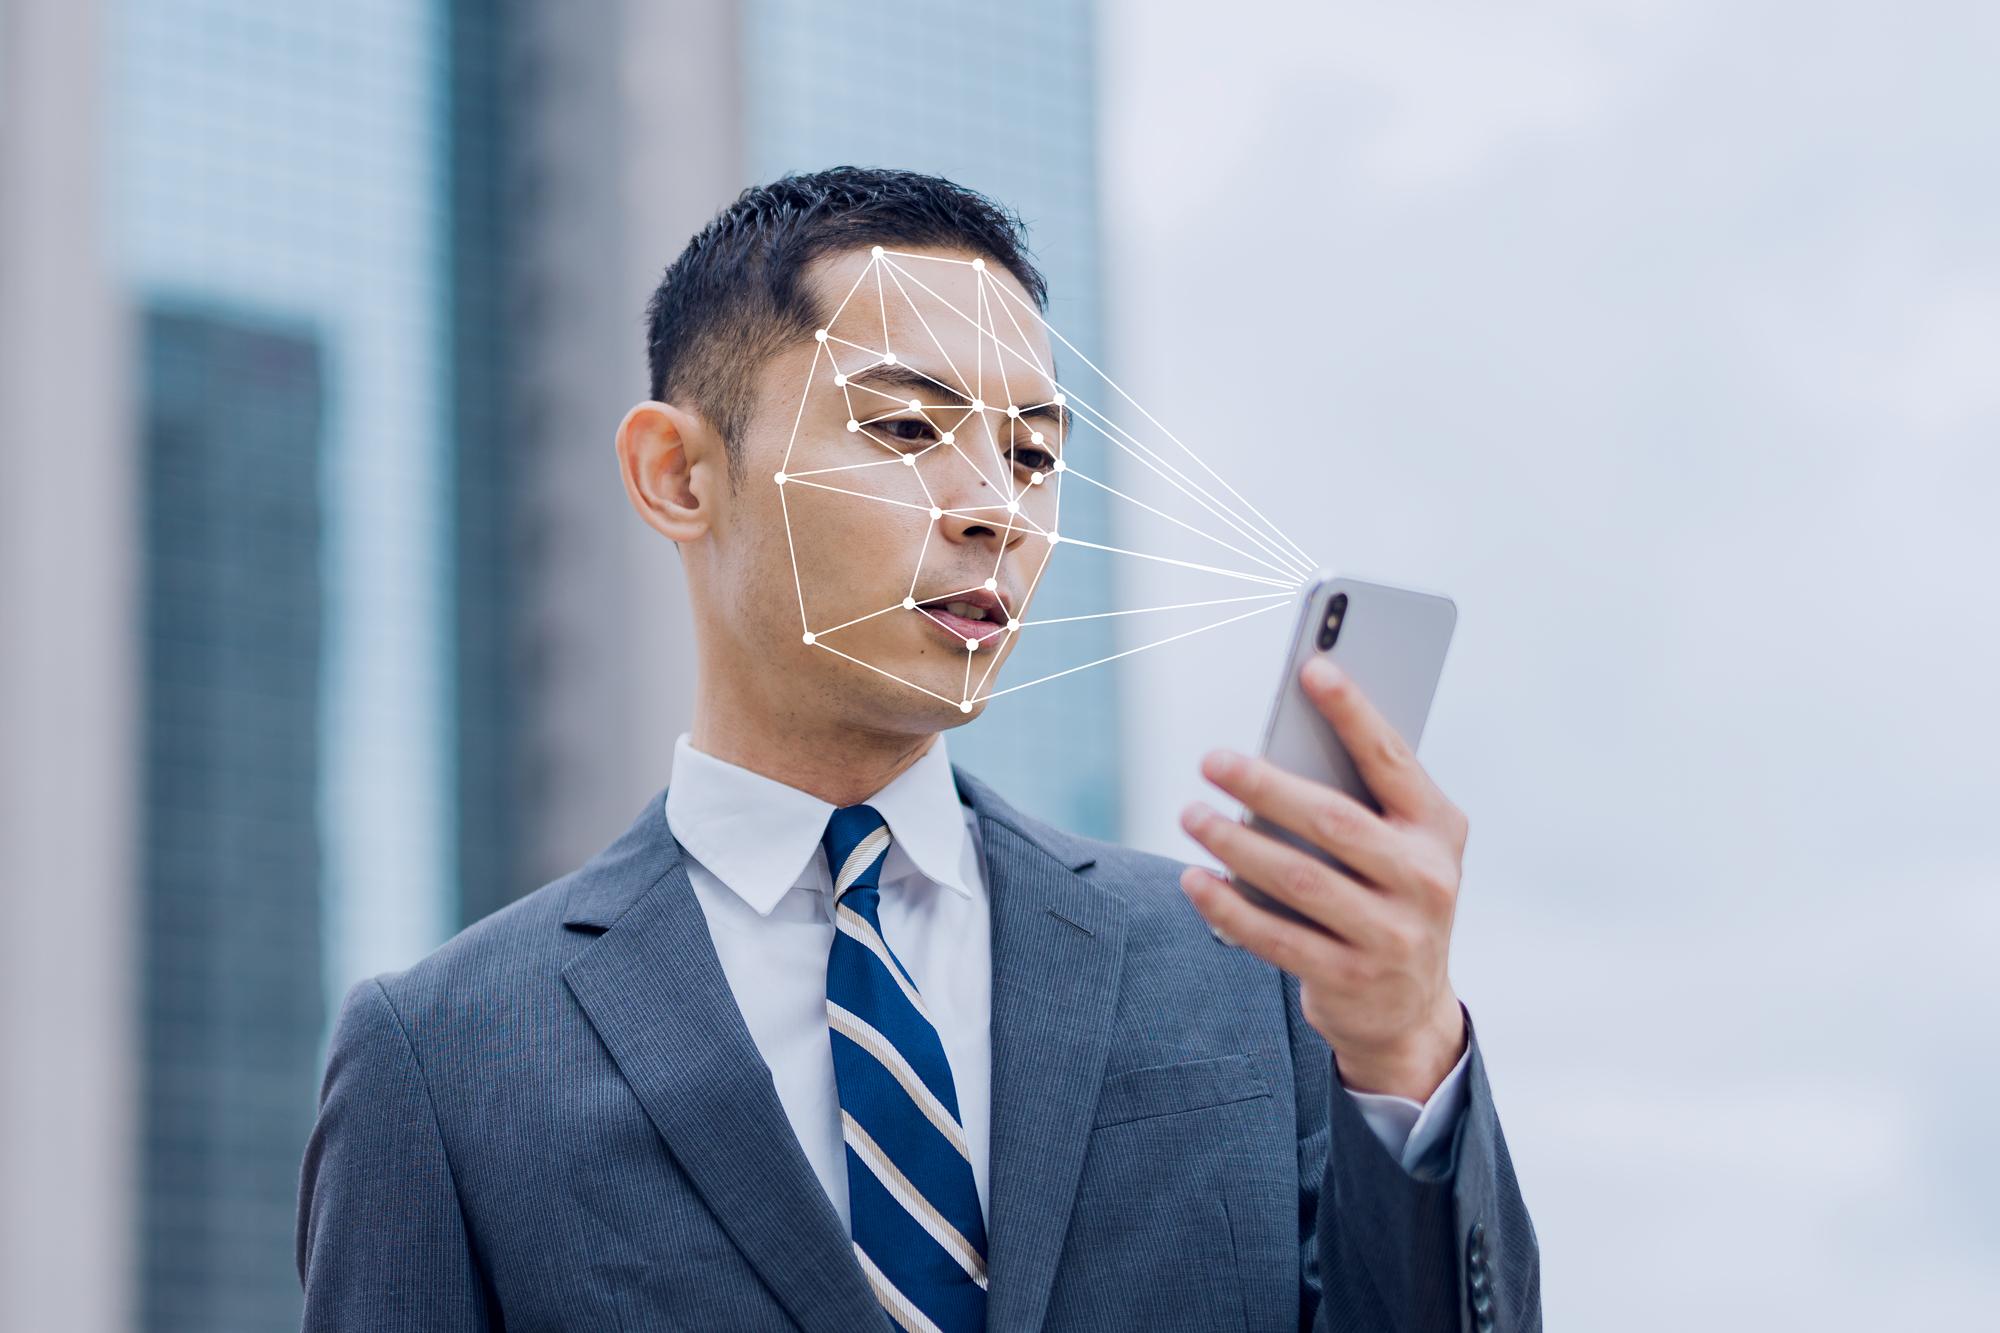 顔認証システム